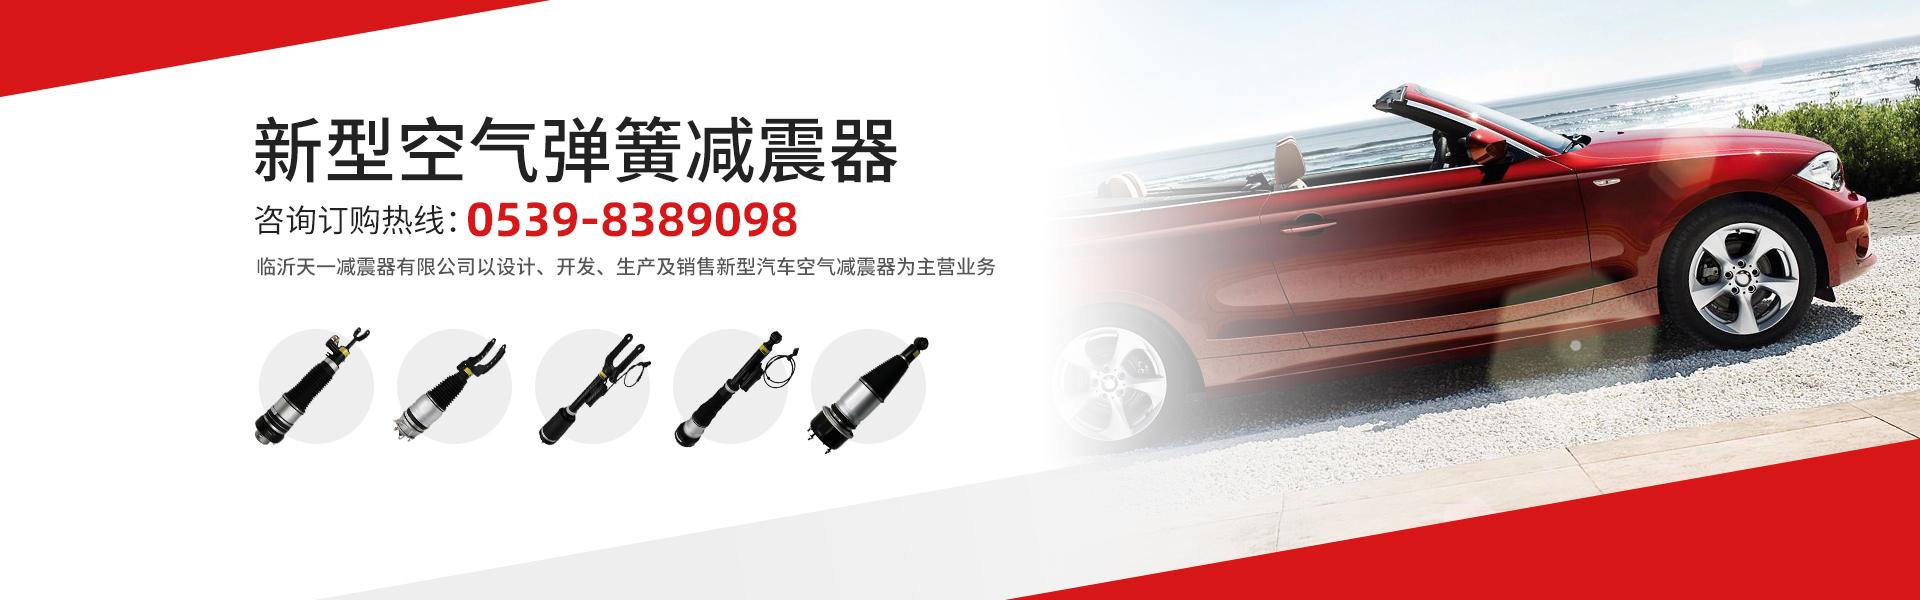 临沂天一电子有限公司是一家生产汽车刹车报警器和空气弹簧减震器的厂家,技术成熟,符合设计标准和要求,有需求欢迎大家咨询.